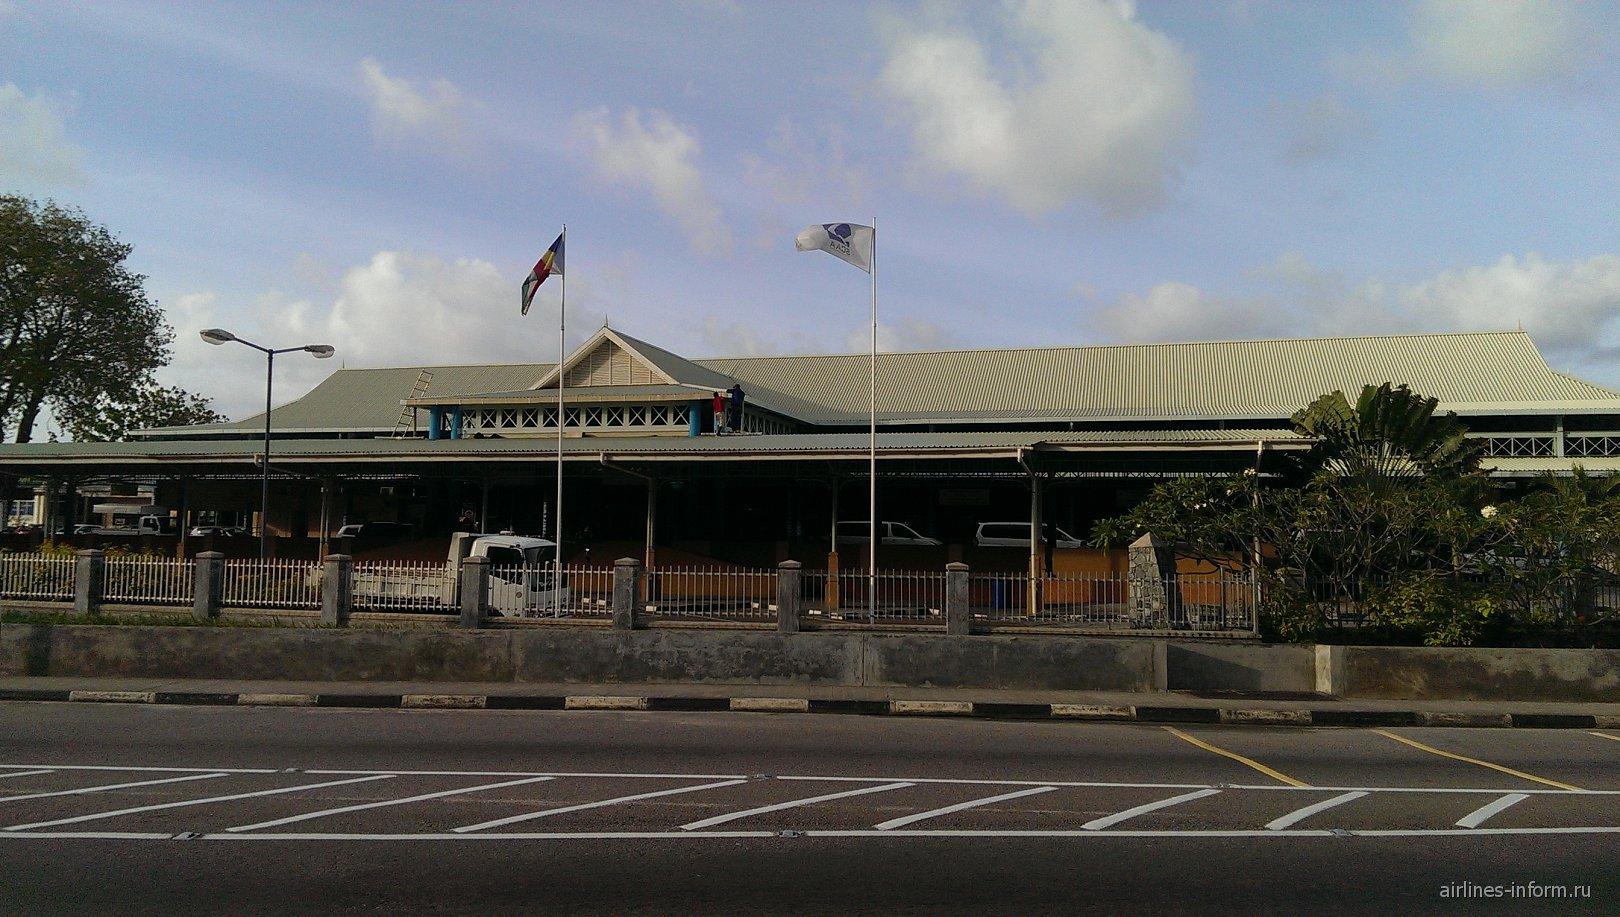 Пассажирский терминал Международного аэропорта Сейшельских островов